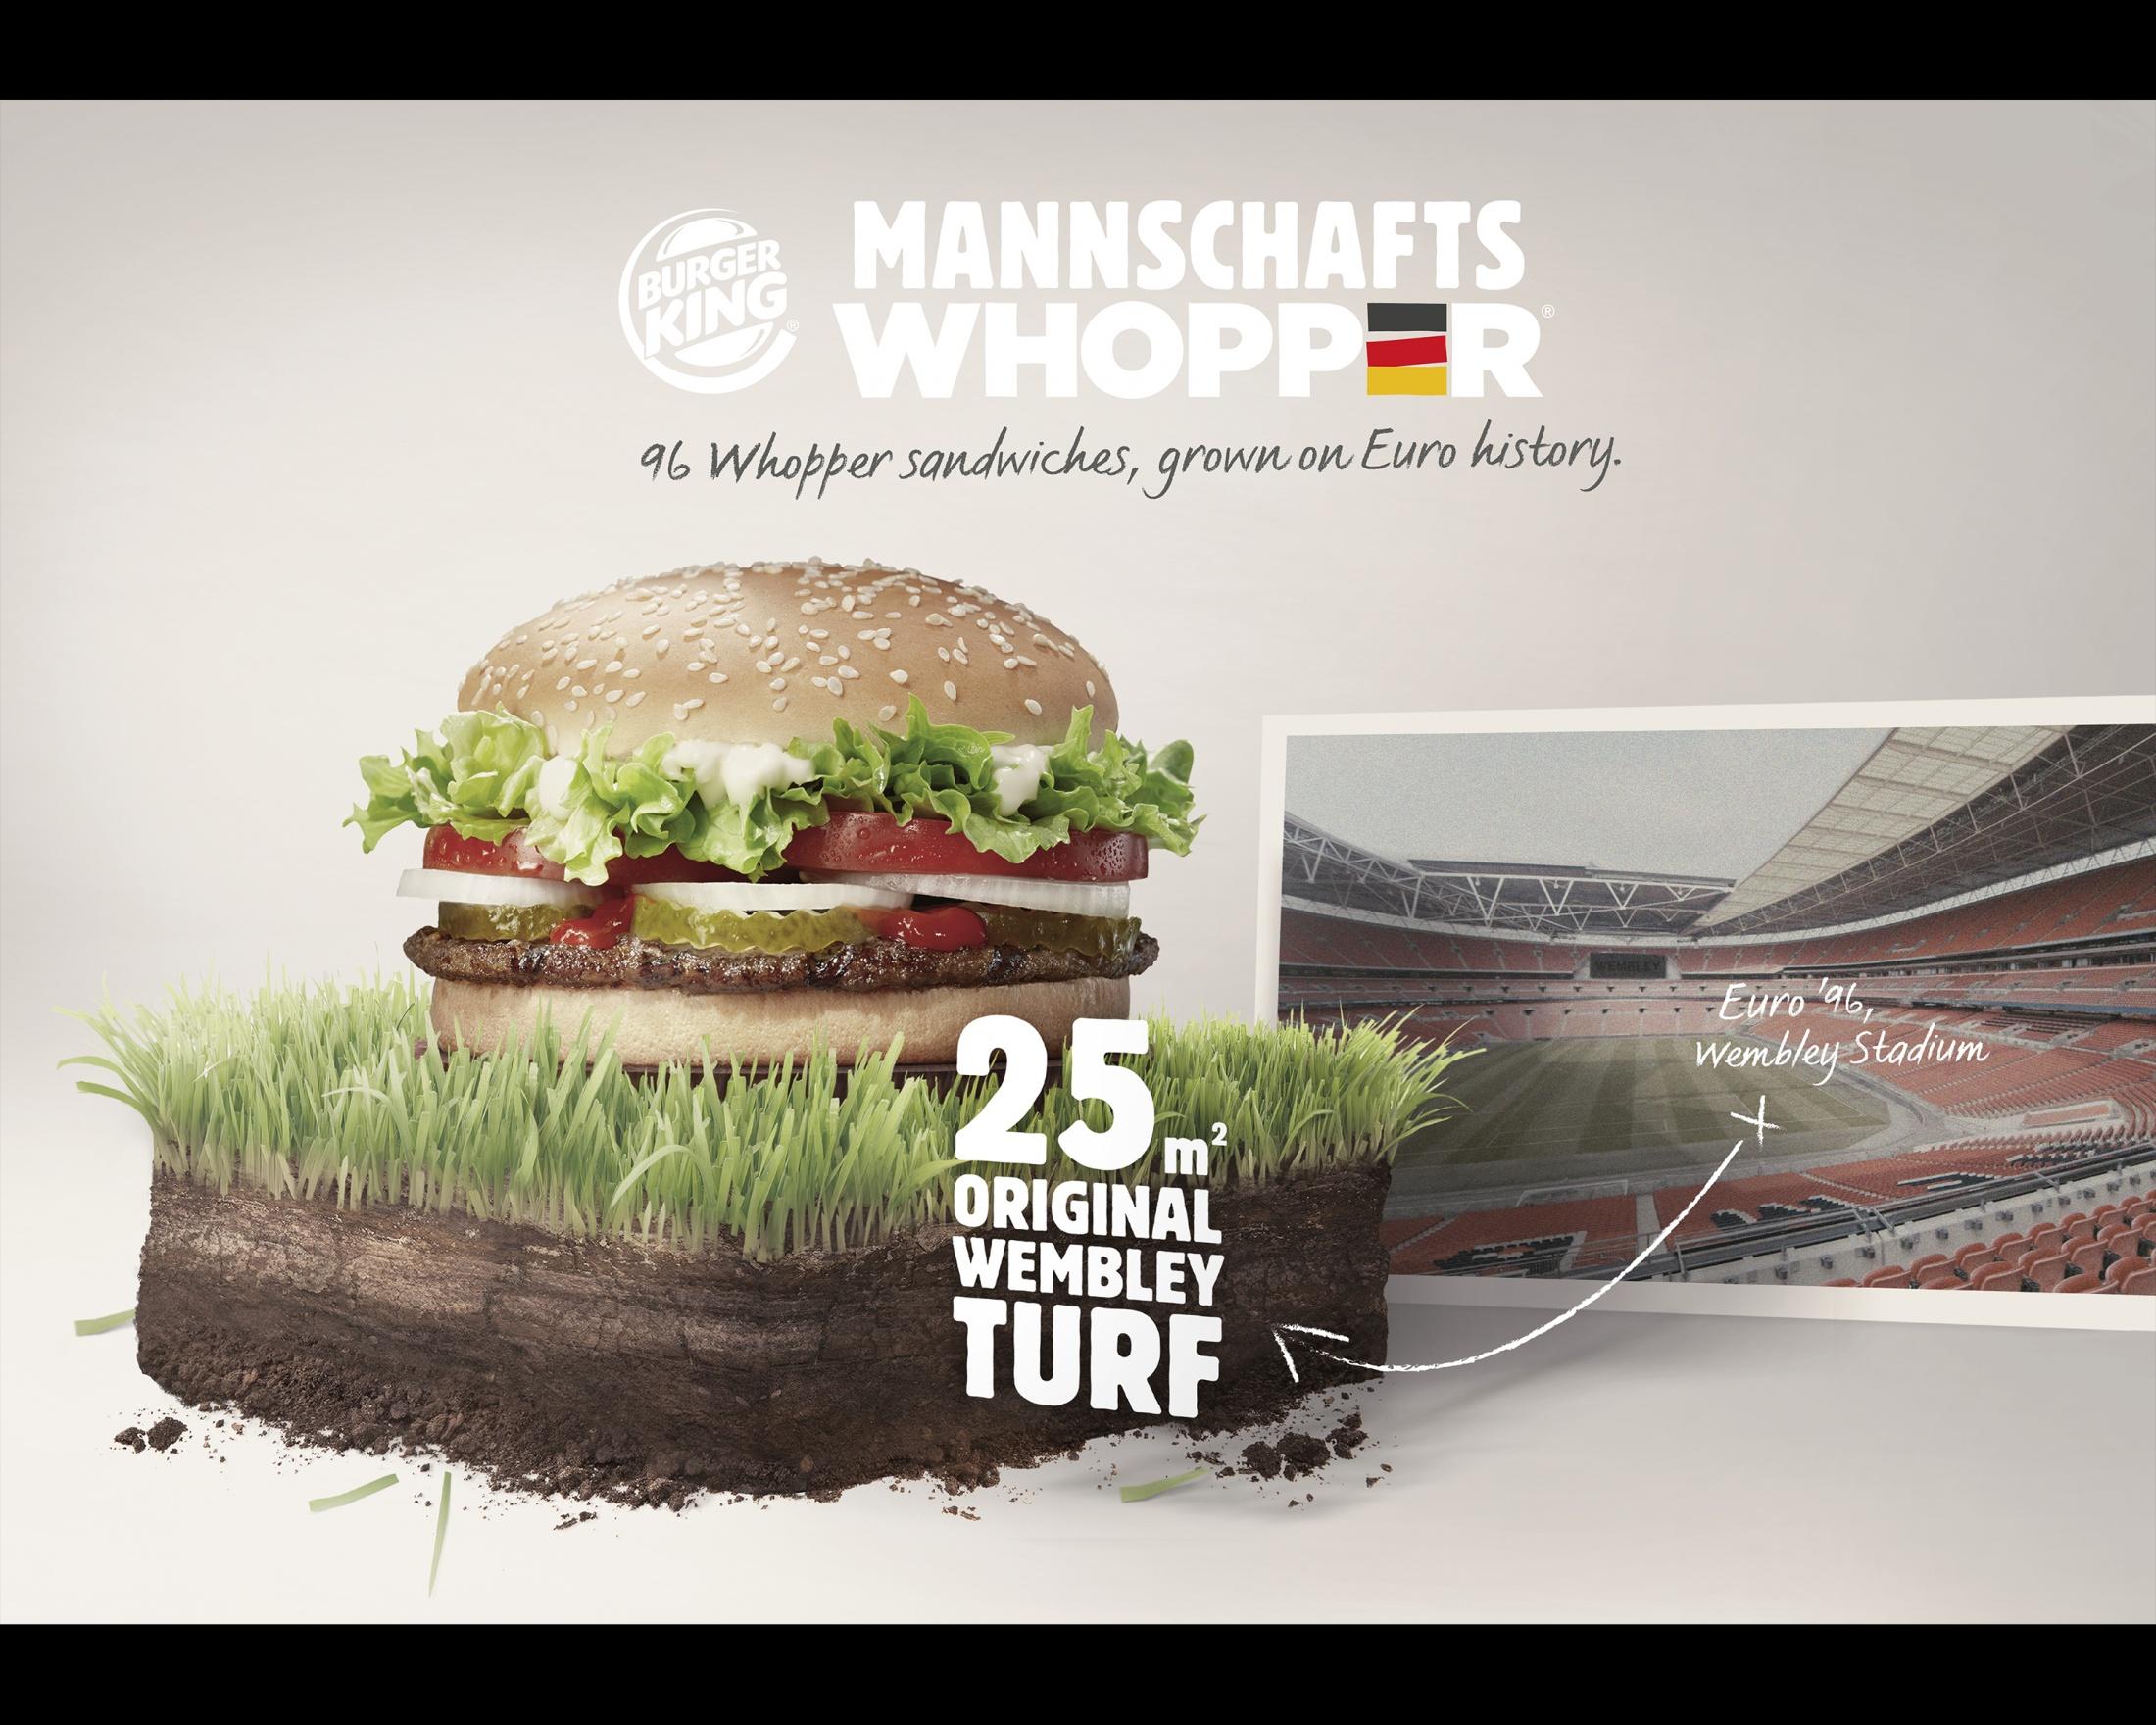 Thumbnail for Mannschafts-Whopper